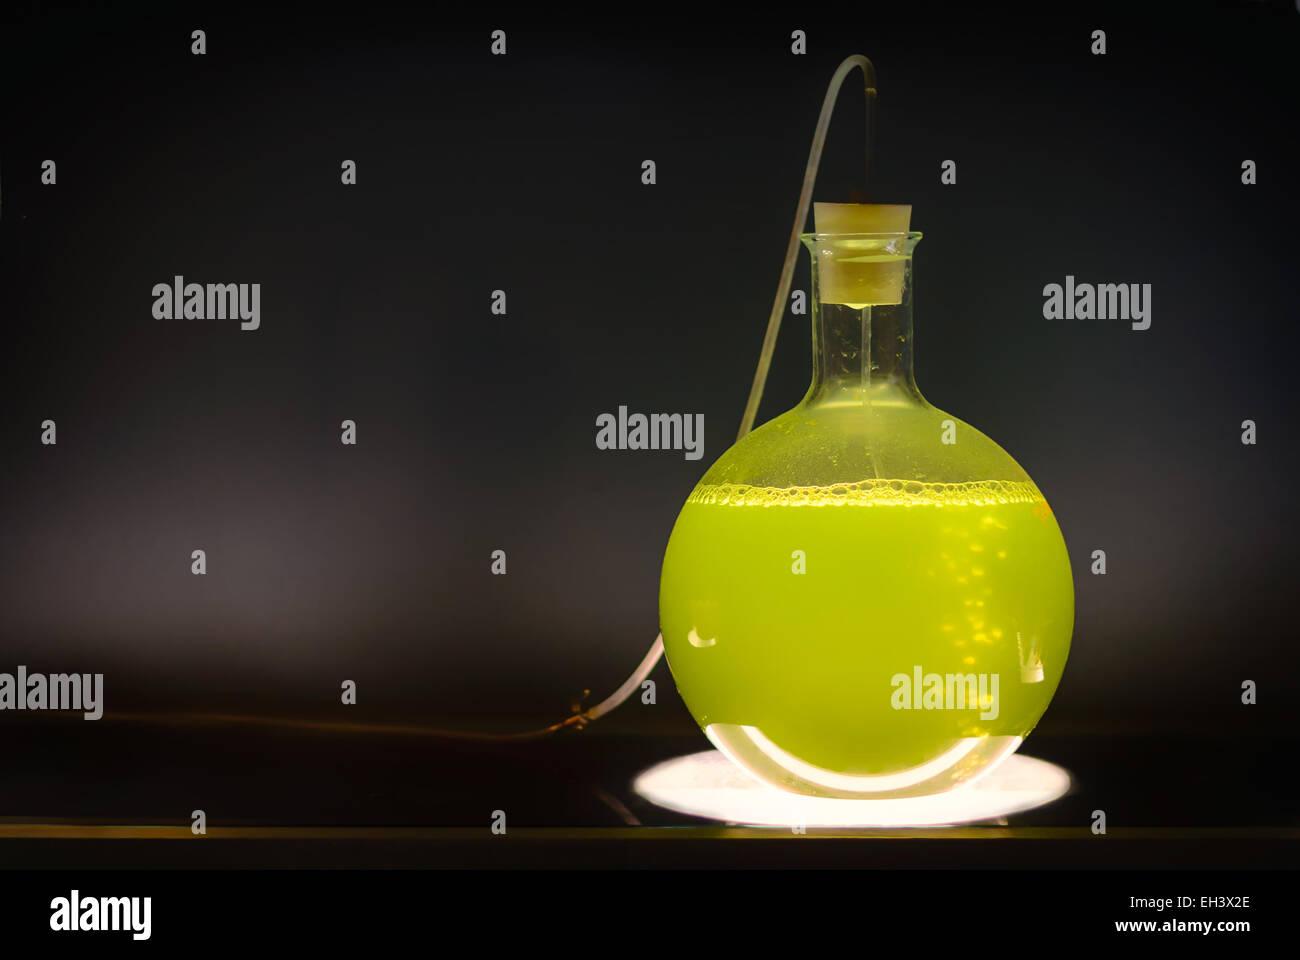 Volumetrische Fläschchen mit grüner Flüssigkeit im Experiment in der Dunkelkammer Labor, chemische Stockbild